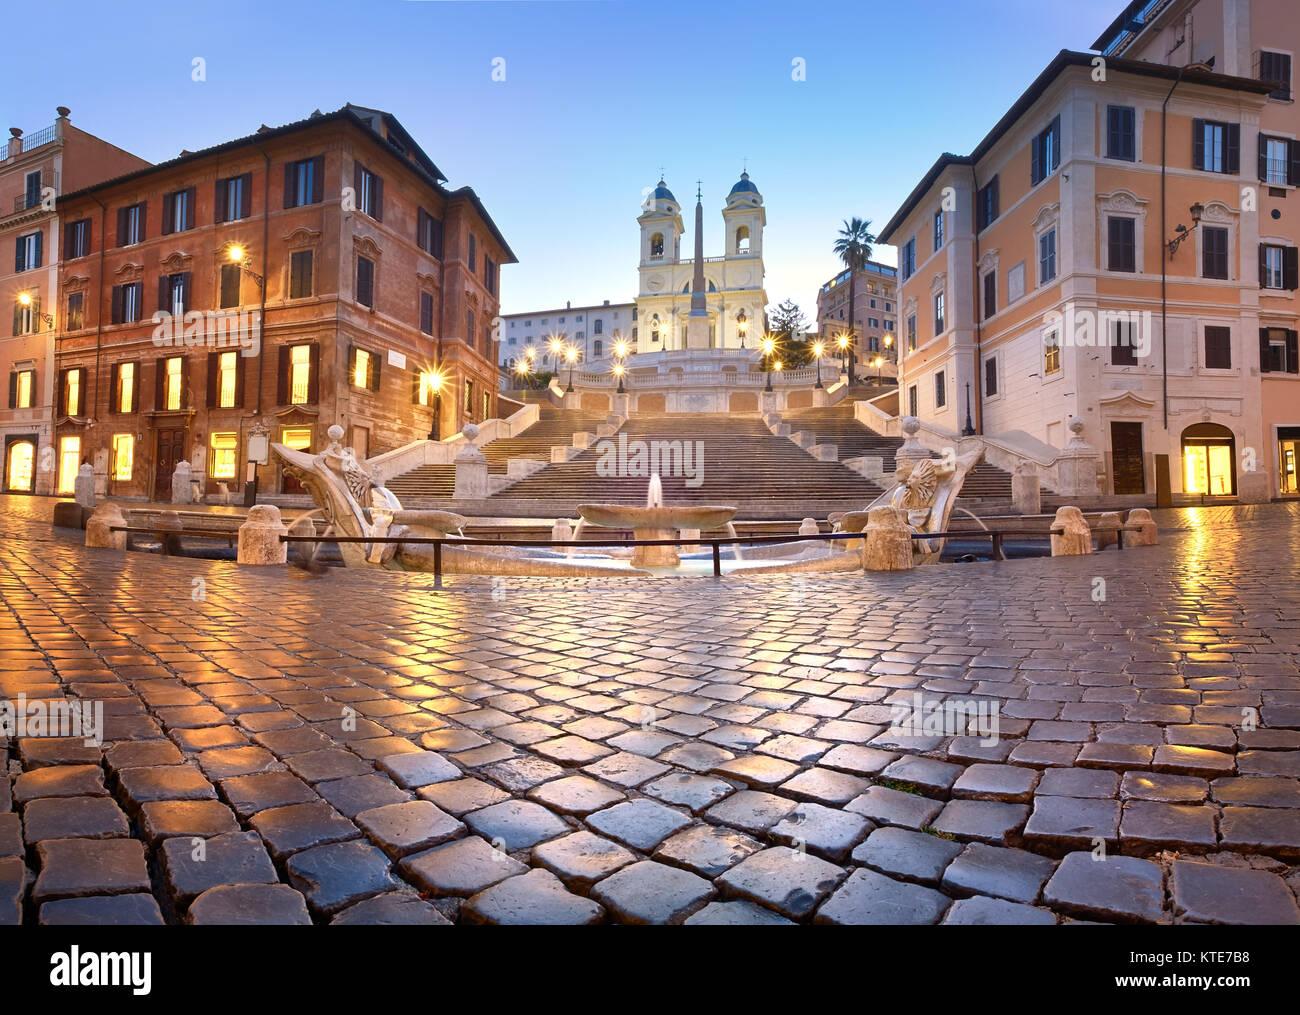 Die Spanische Treppe und ein Boot-förmige Brunnen auf der Piazza di Spagna in Rom, Italien. Am frühen Stockbild